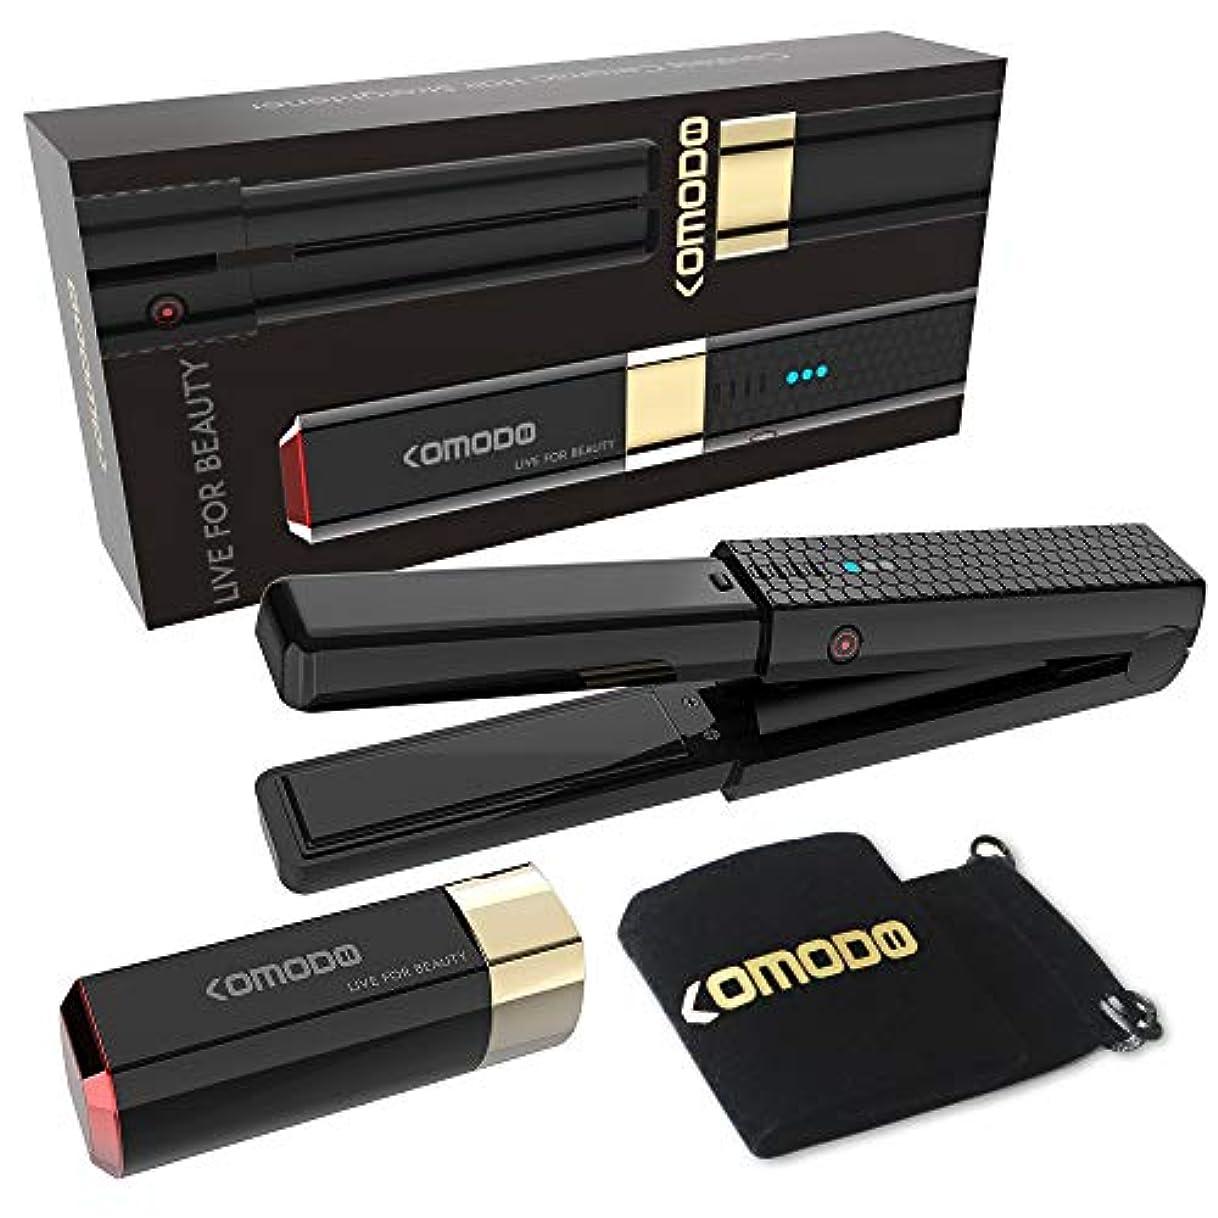 何でもクライストチャーチクライアントヘアアイロン ストレート&カール 2ways コードレス 海外対応 マイナスイオン セラミックコーティング USB充電式 コンパクト キャップ付き 持ち運び便利 家庭用 旅行用 【メーカー保証】